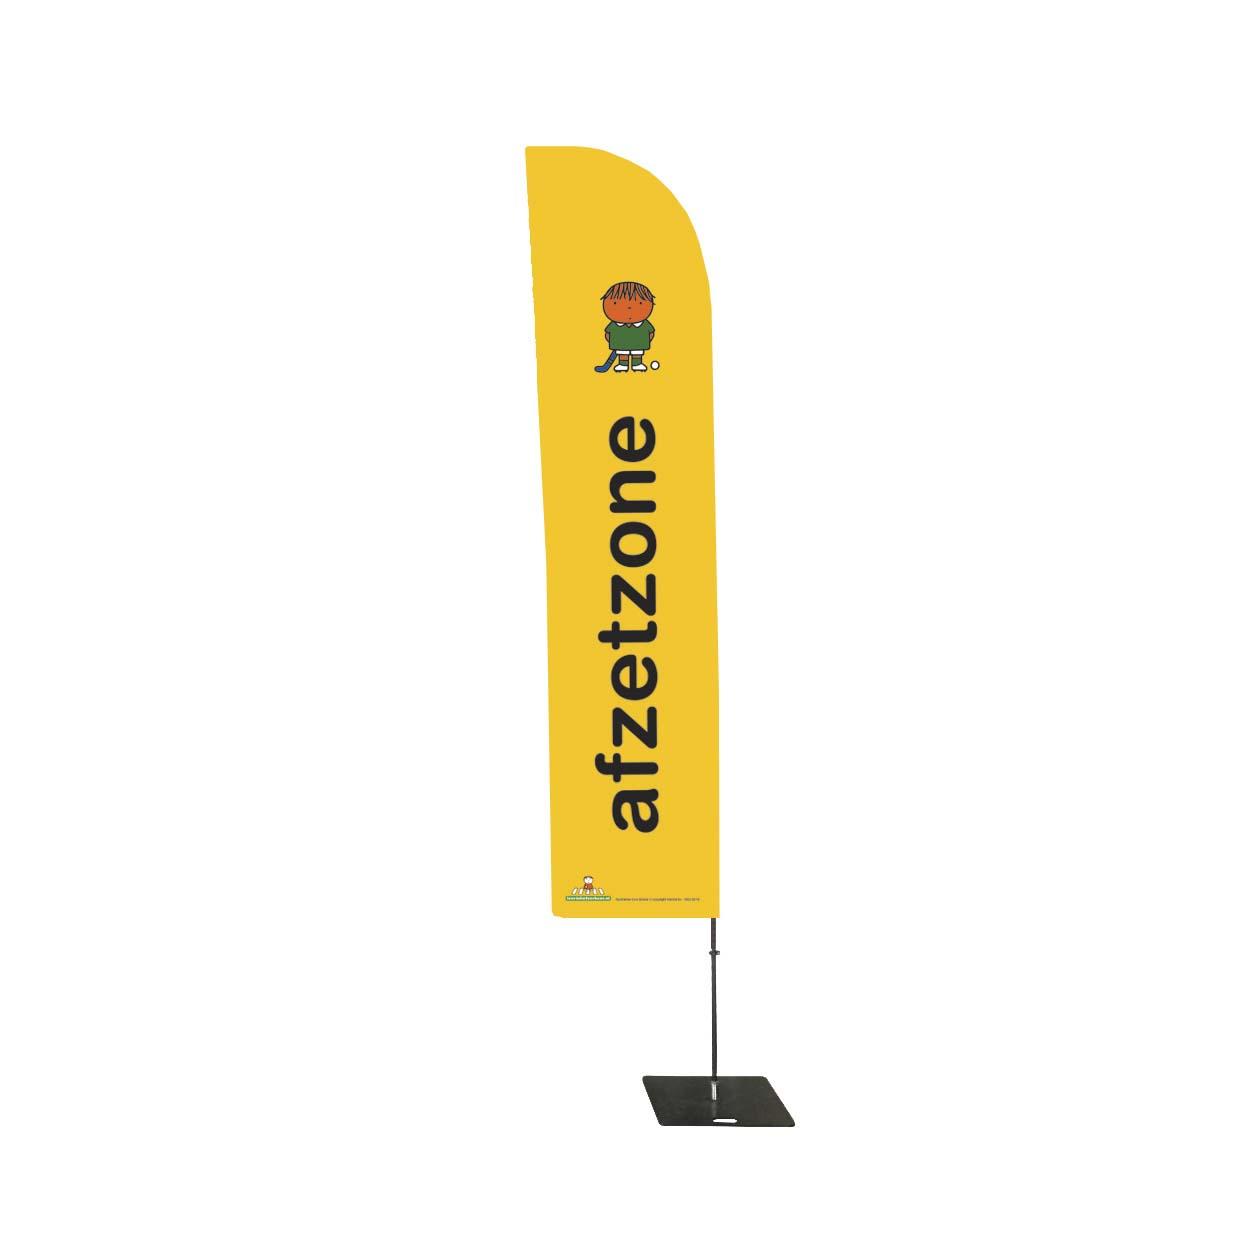 gele beachflag vlag met een dick bruna afbeelding bekend van nijnjte van een hockeyer of hockeyster en de tekst afzetzone voor hockeyclubs om plekken en plaatsen te markeren of aan te geven waar kinderen kunnen verzamelen voor de training of wedstrijd ook leuk voor toernooien van jongste jeugd